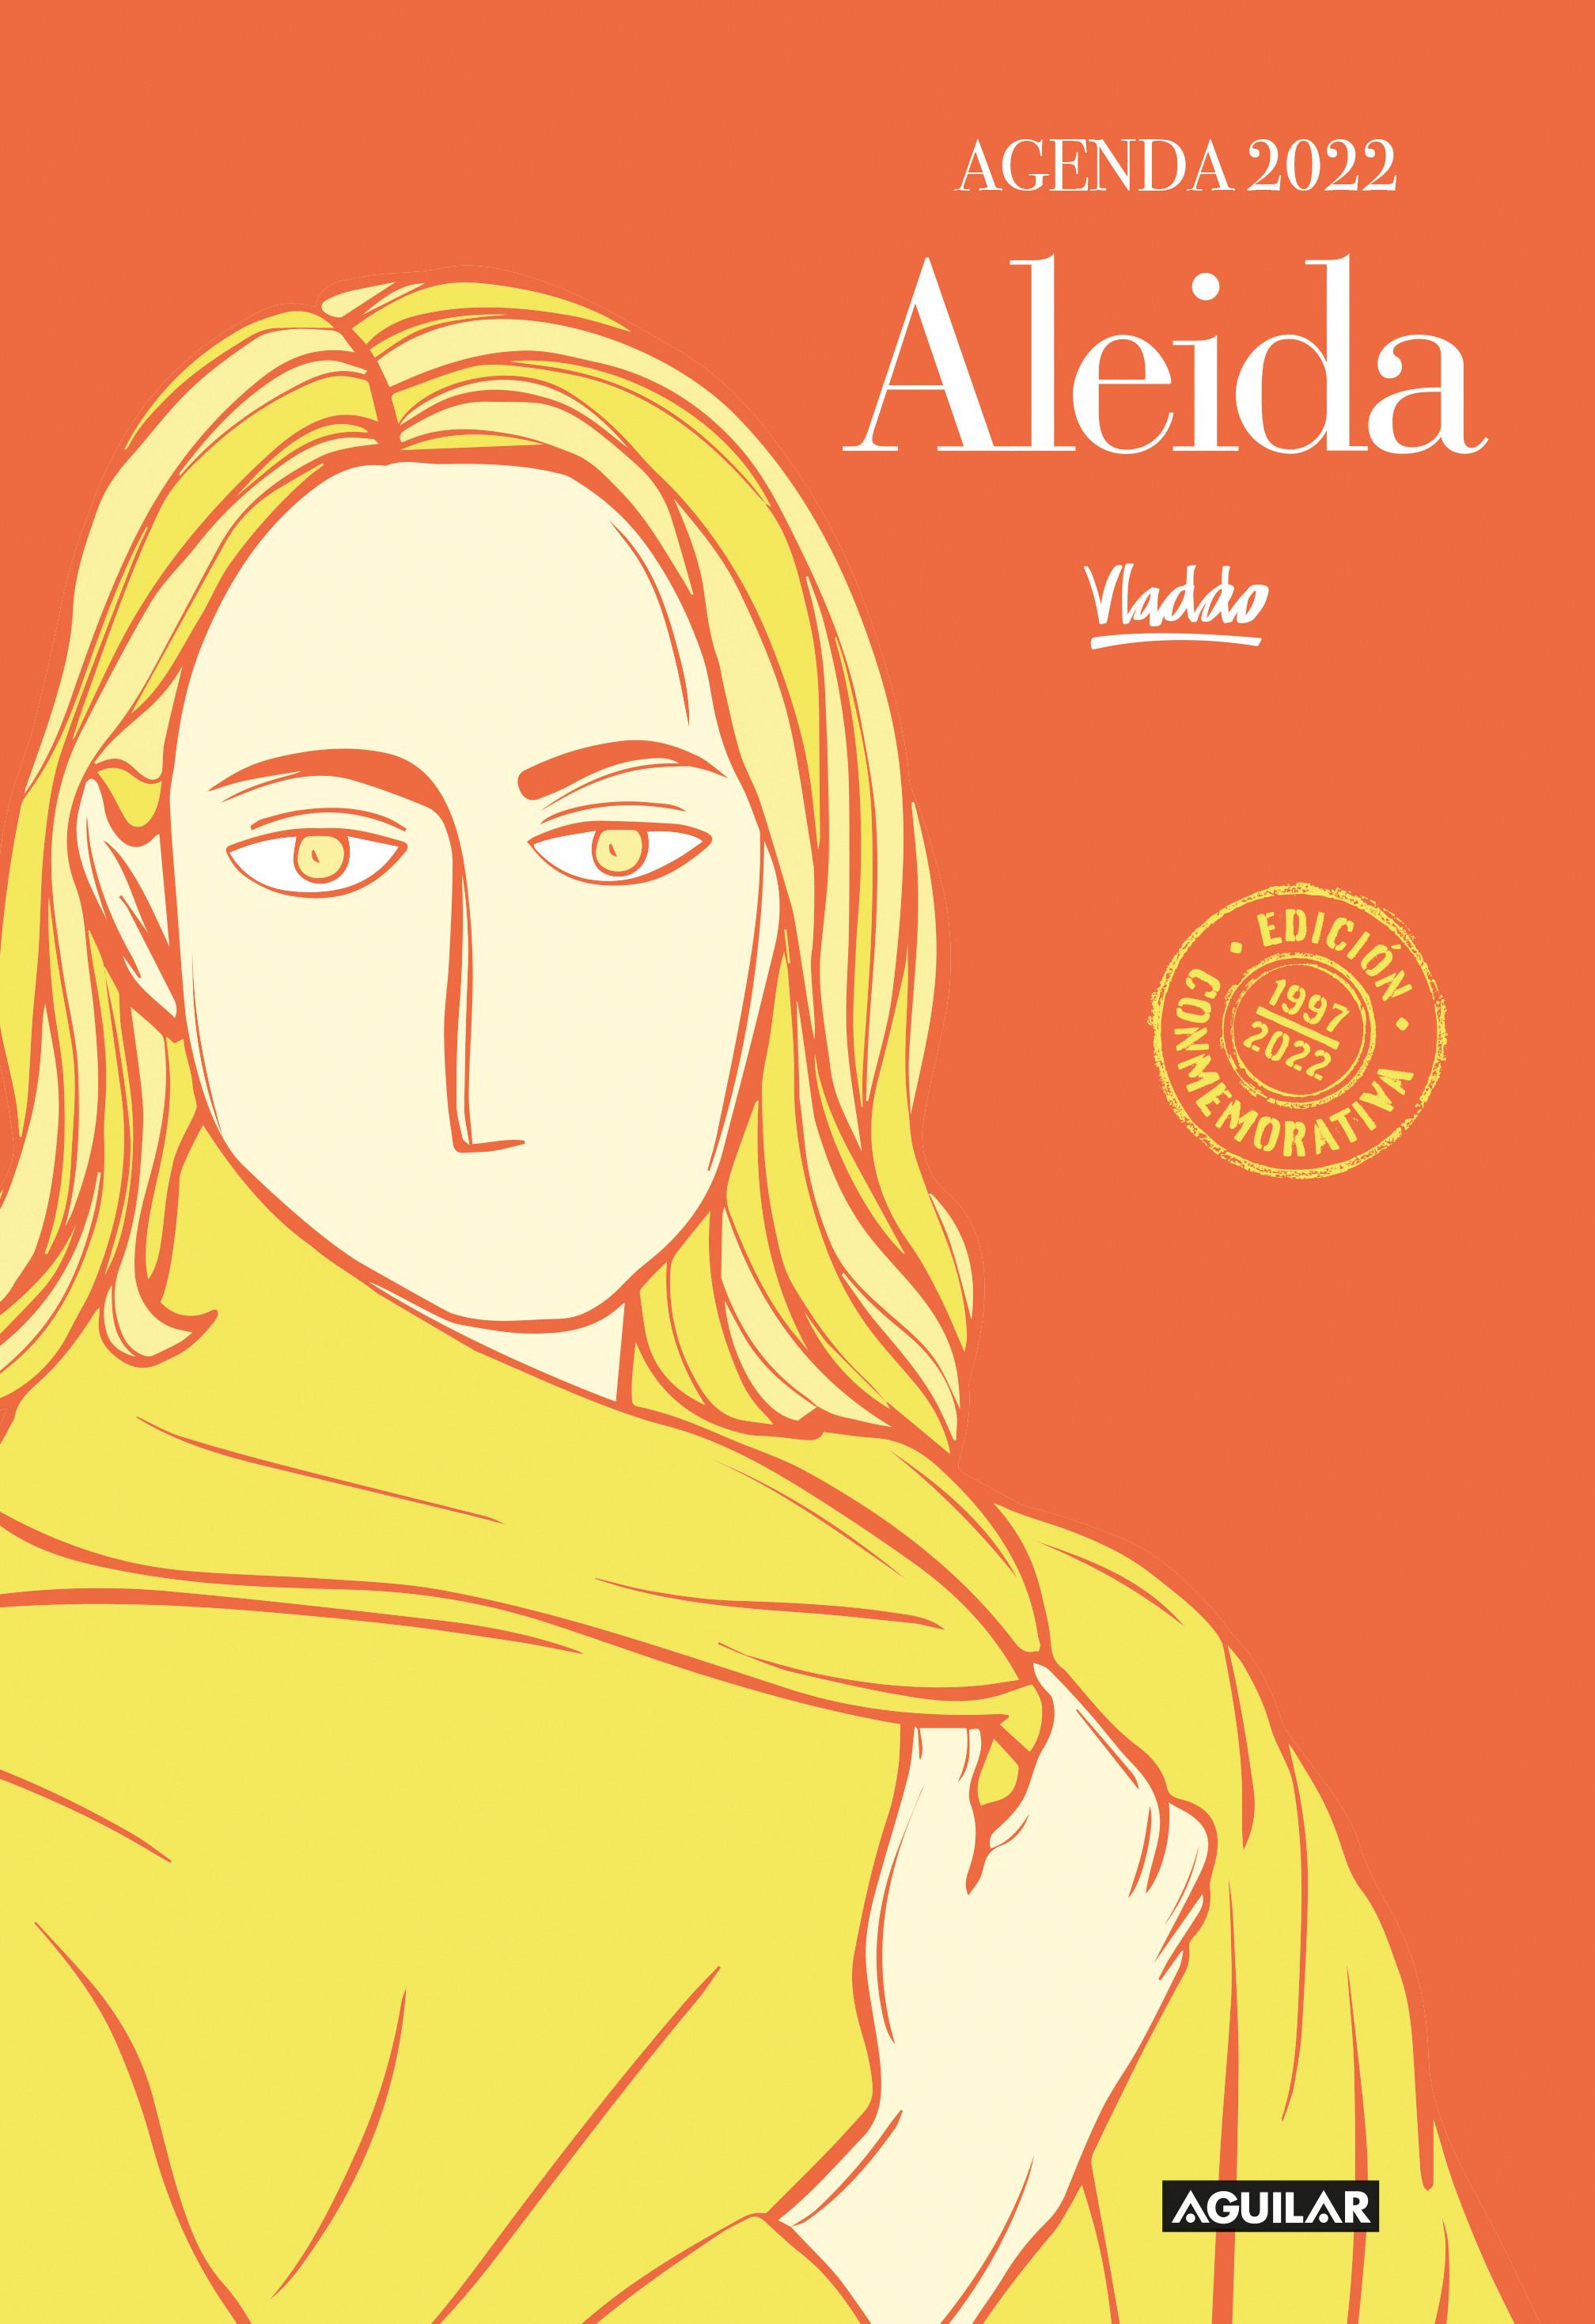 Agenda Aleida 2022 (Naranja)